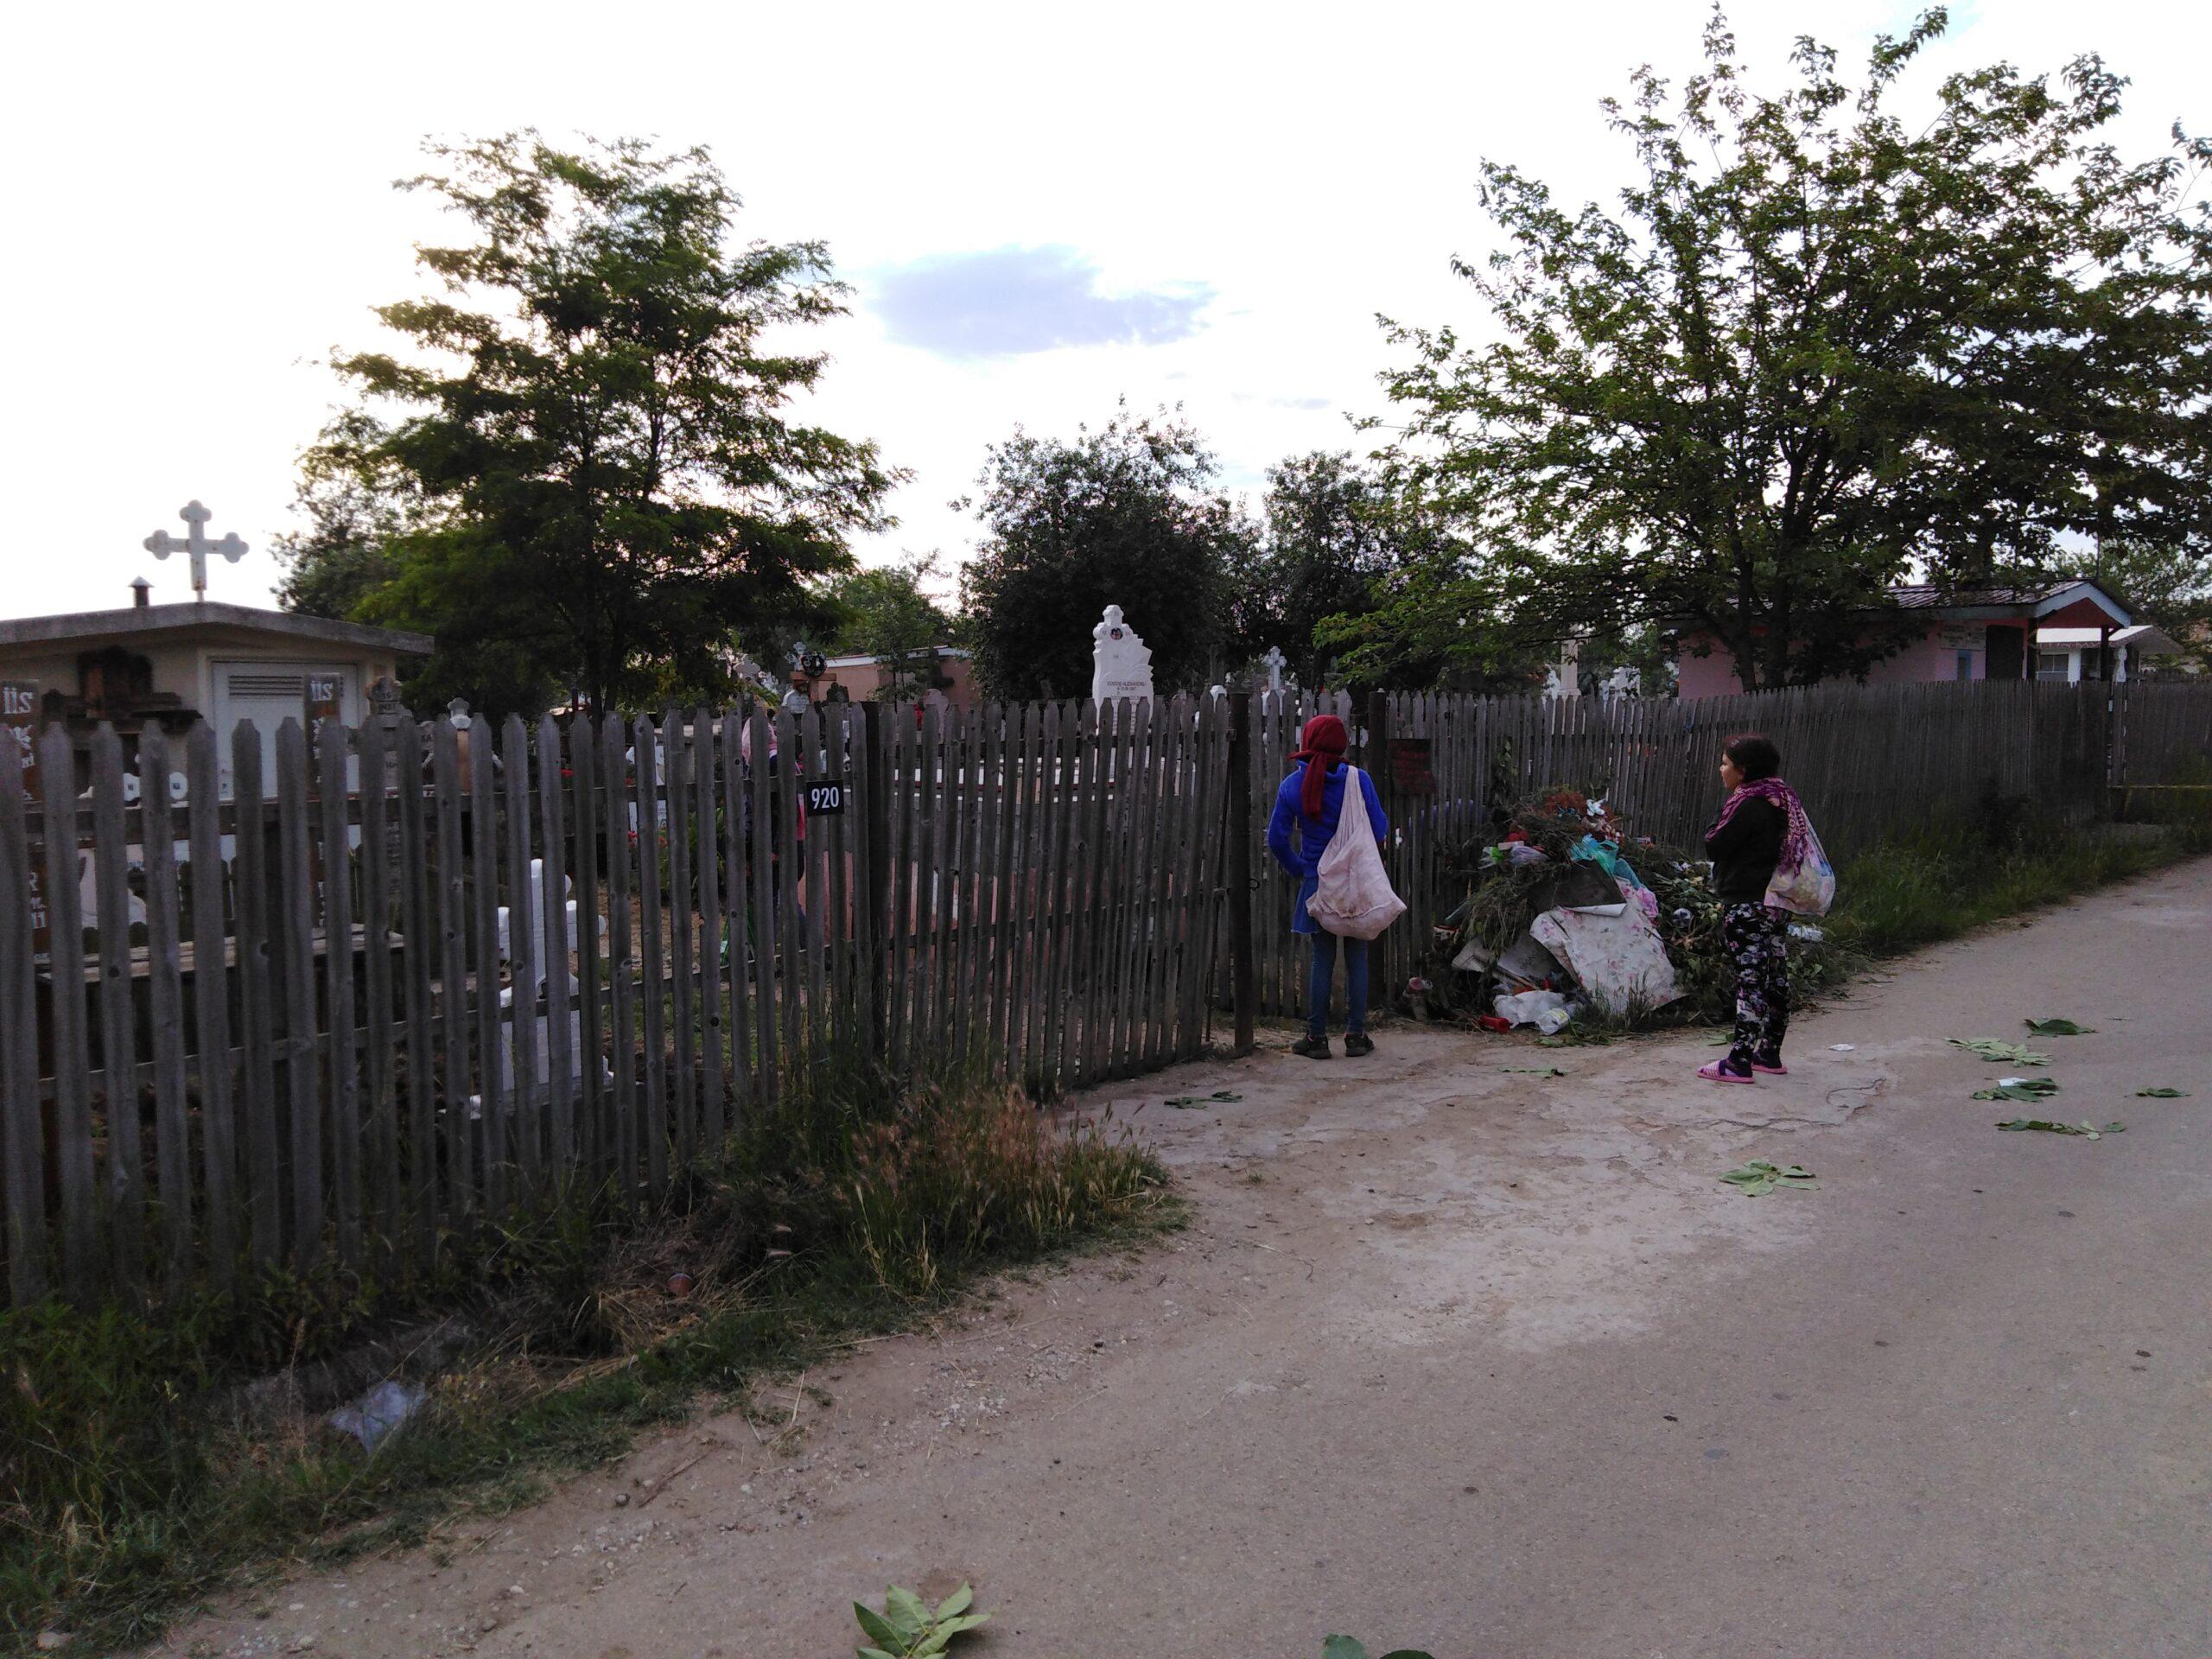 La poarta cimitirului, pomană se face cu cei sărmani.